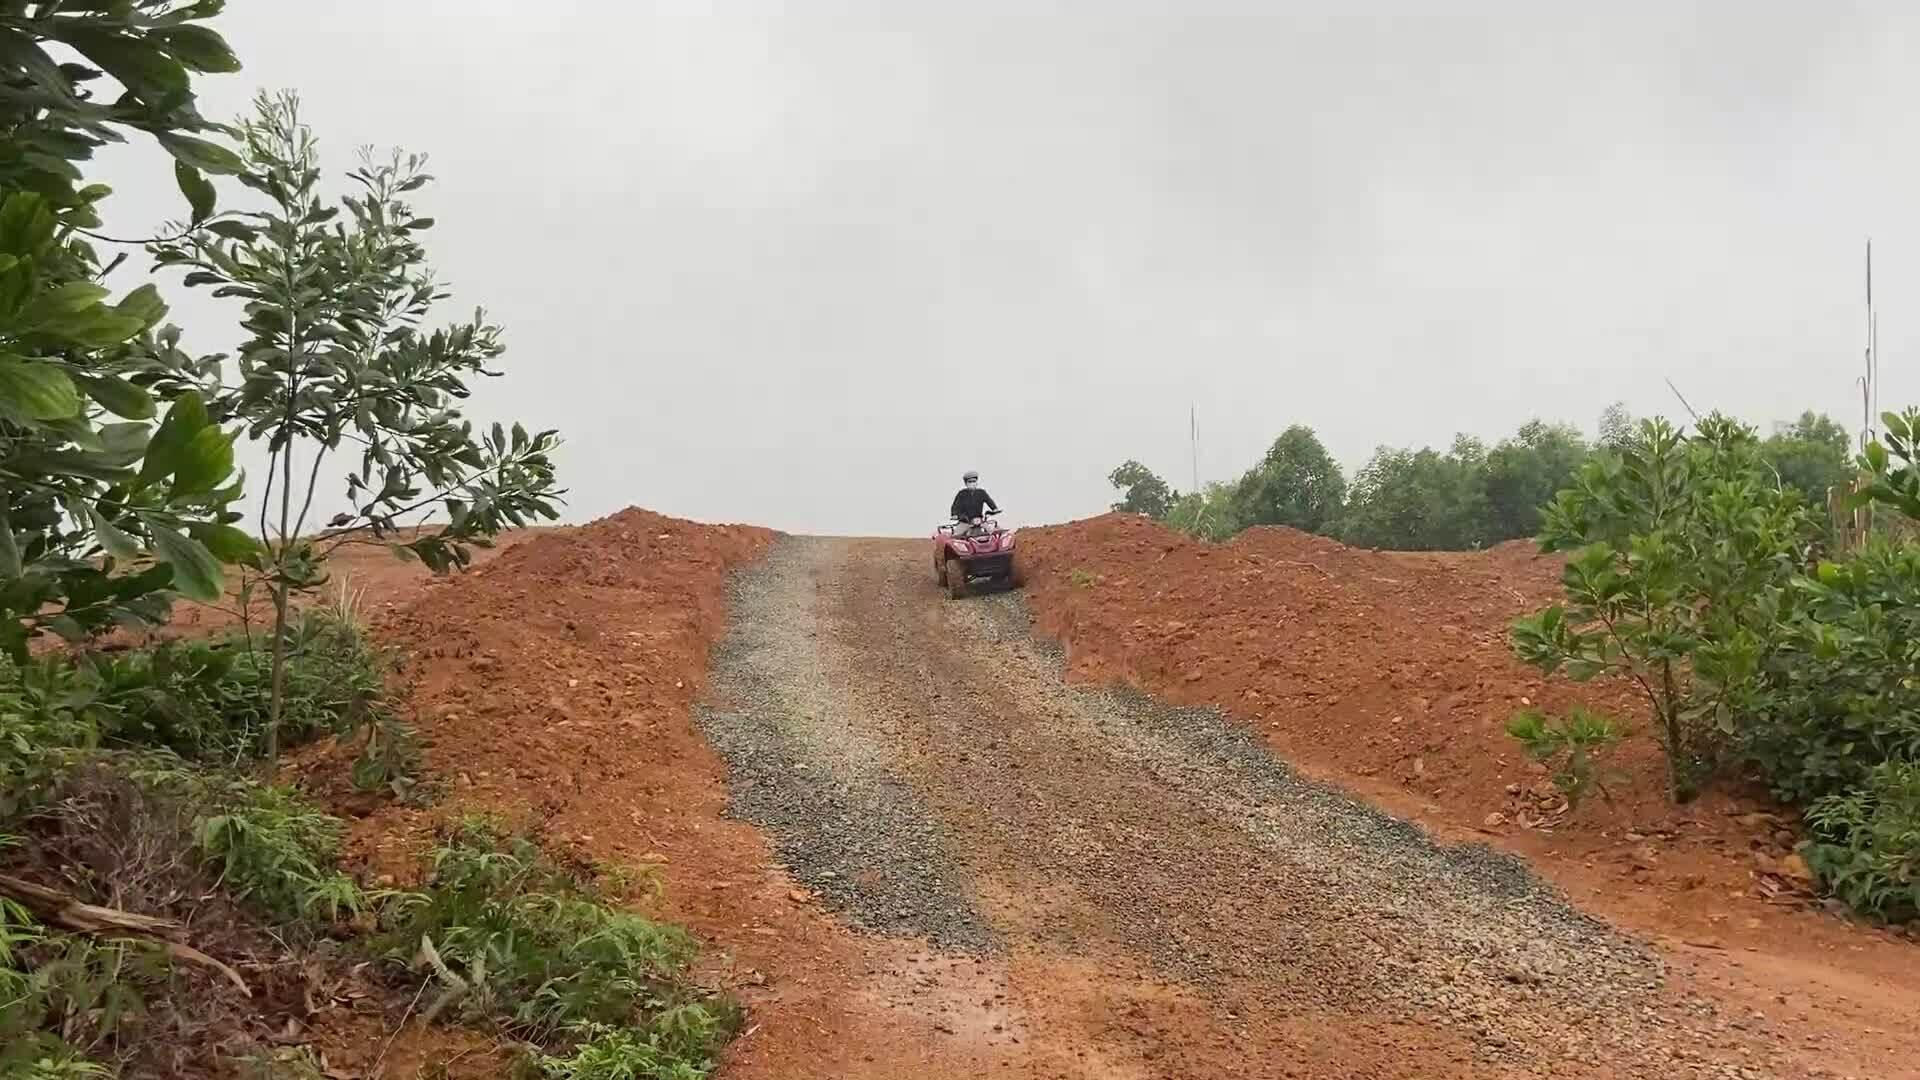 Trải nghiệm lái mô tô địa hình lần đầu tiên tại Hà Nội